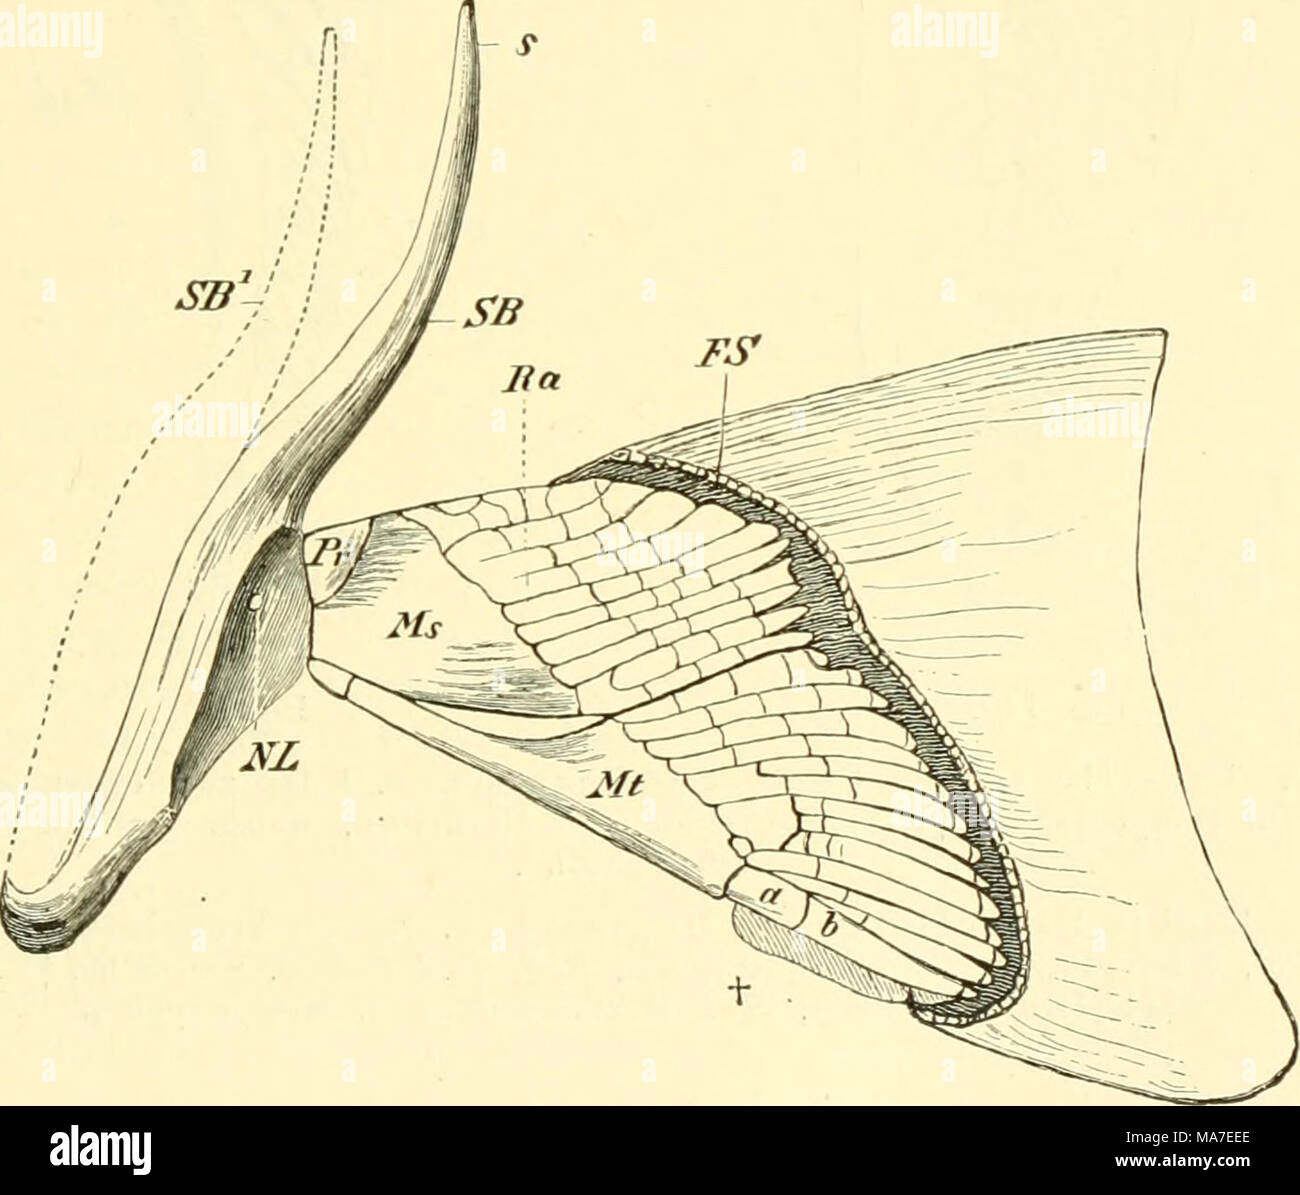 Tolle Beispiele Für Anatomie Galerie - Menschliche Anatomie Bilder ...